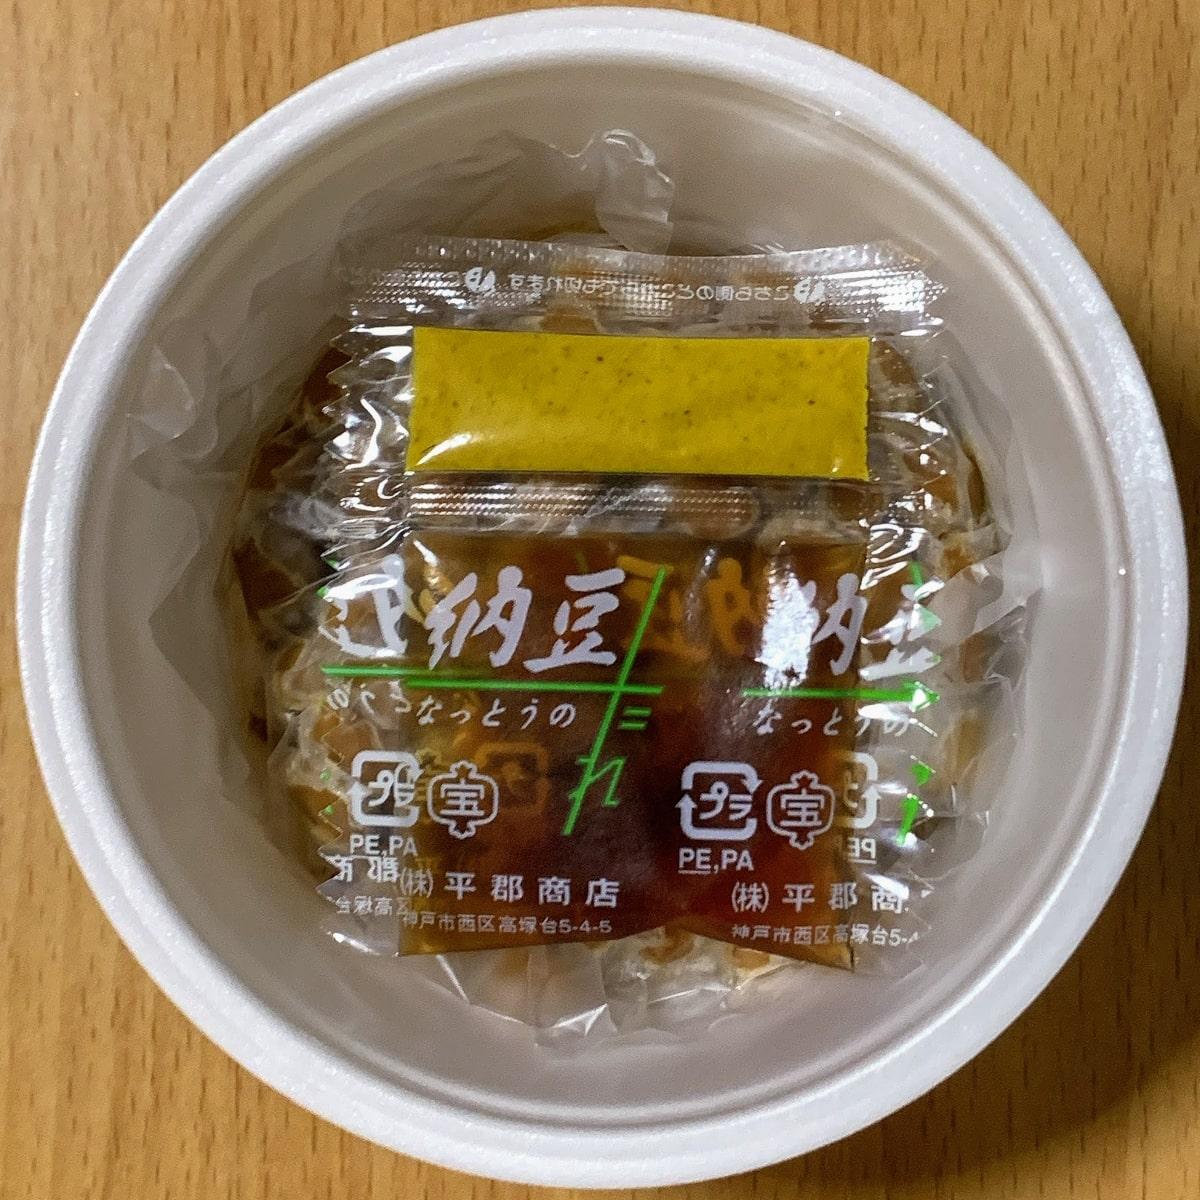 山口納豆「たれからし納豆」のたれとからしの画像